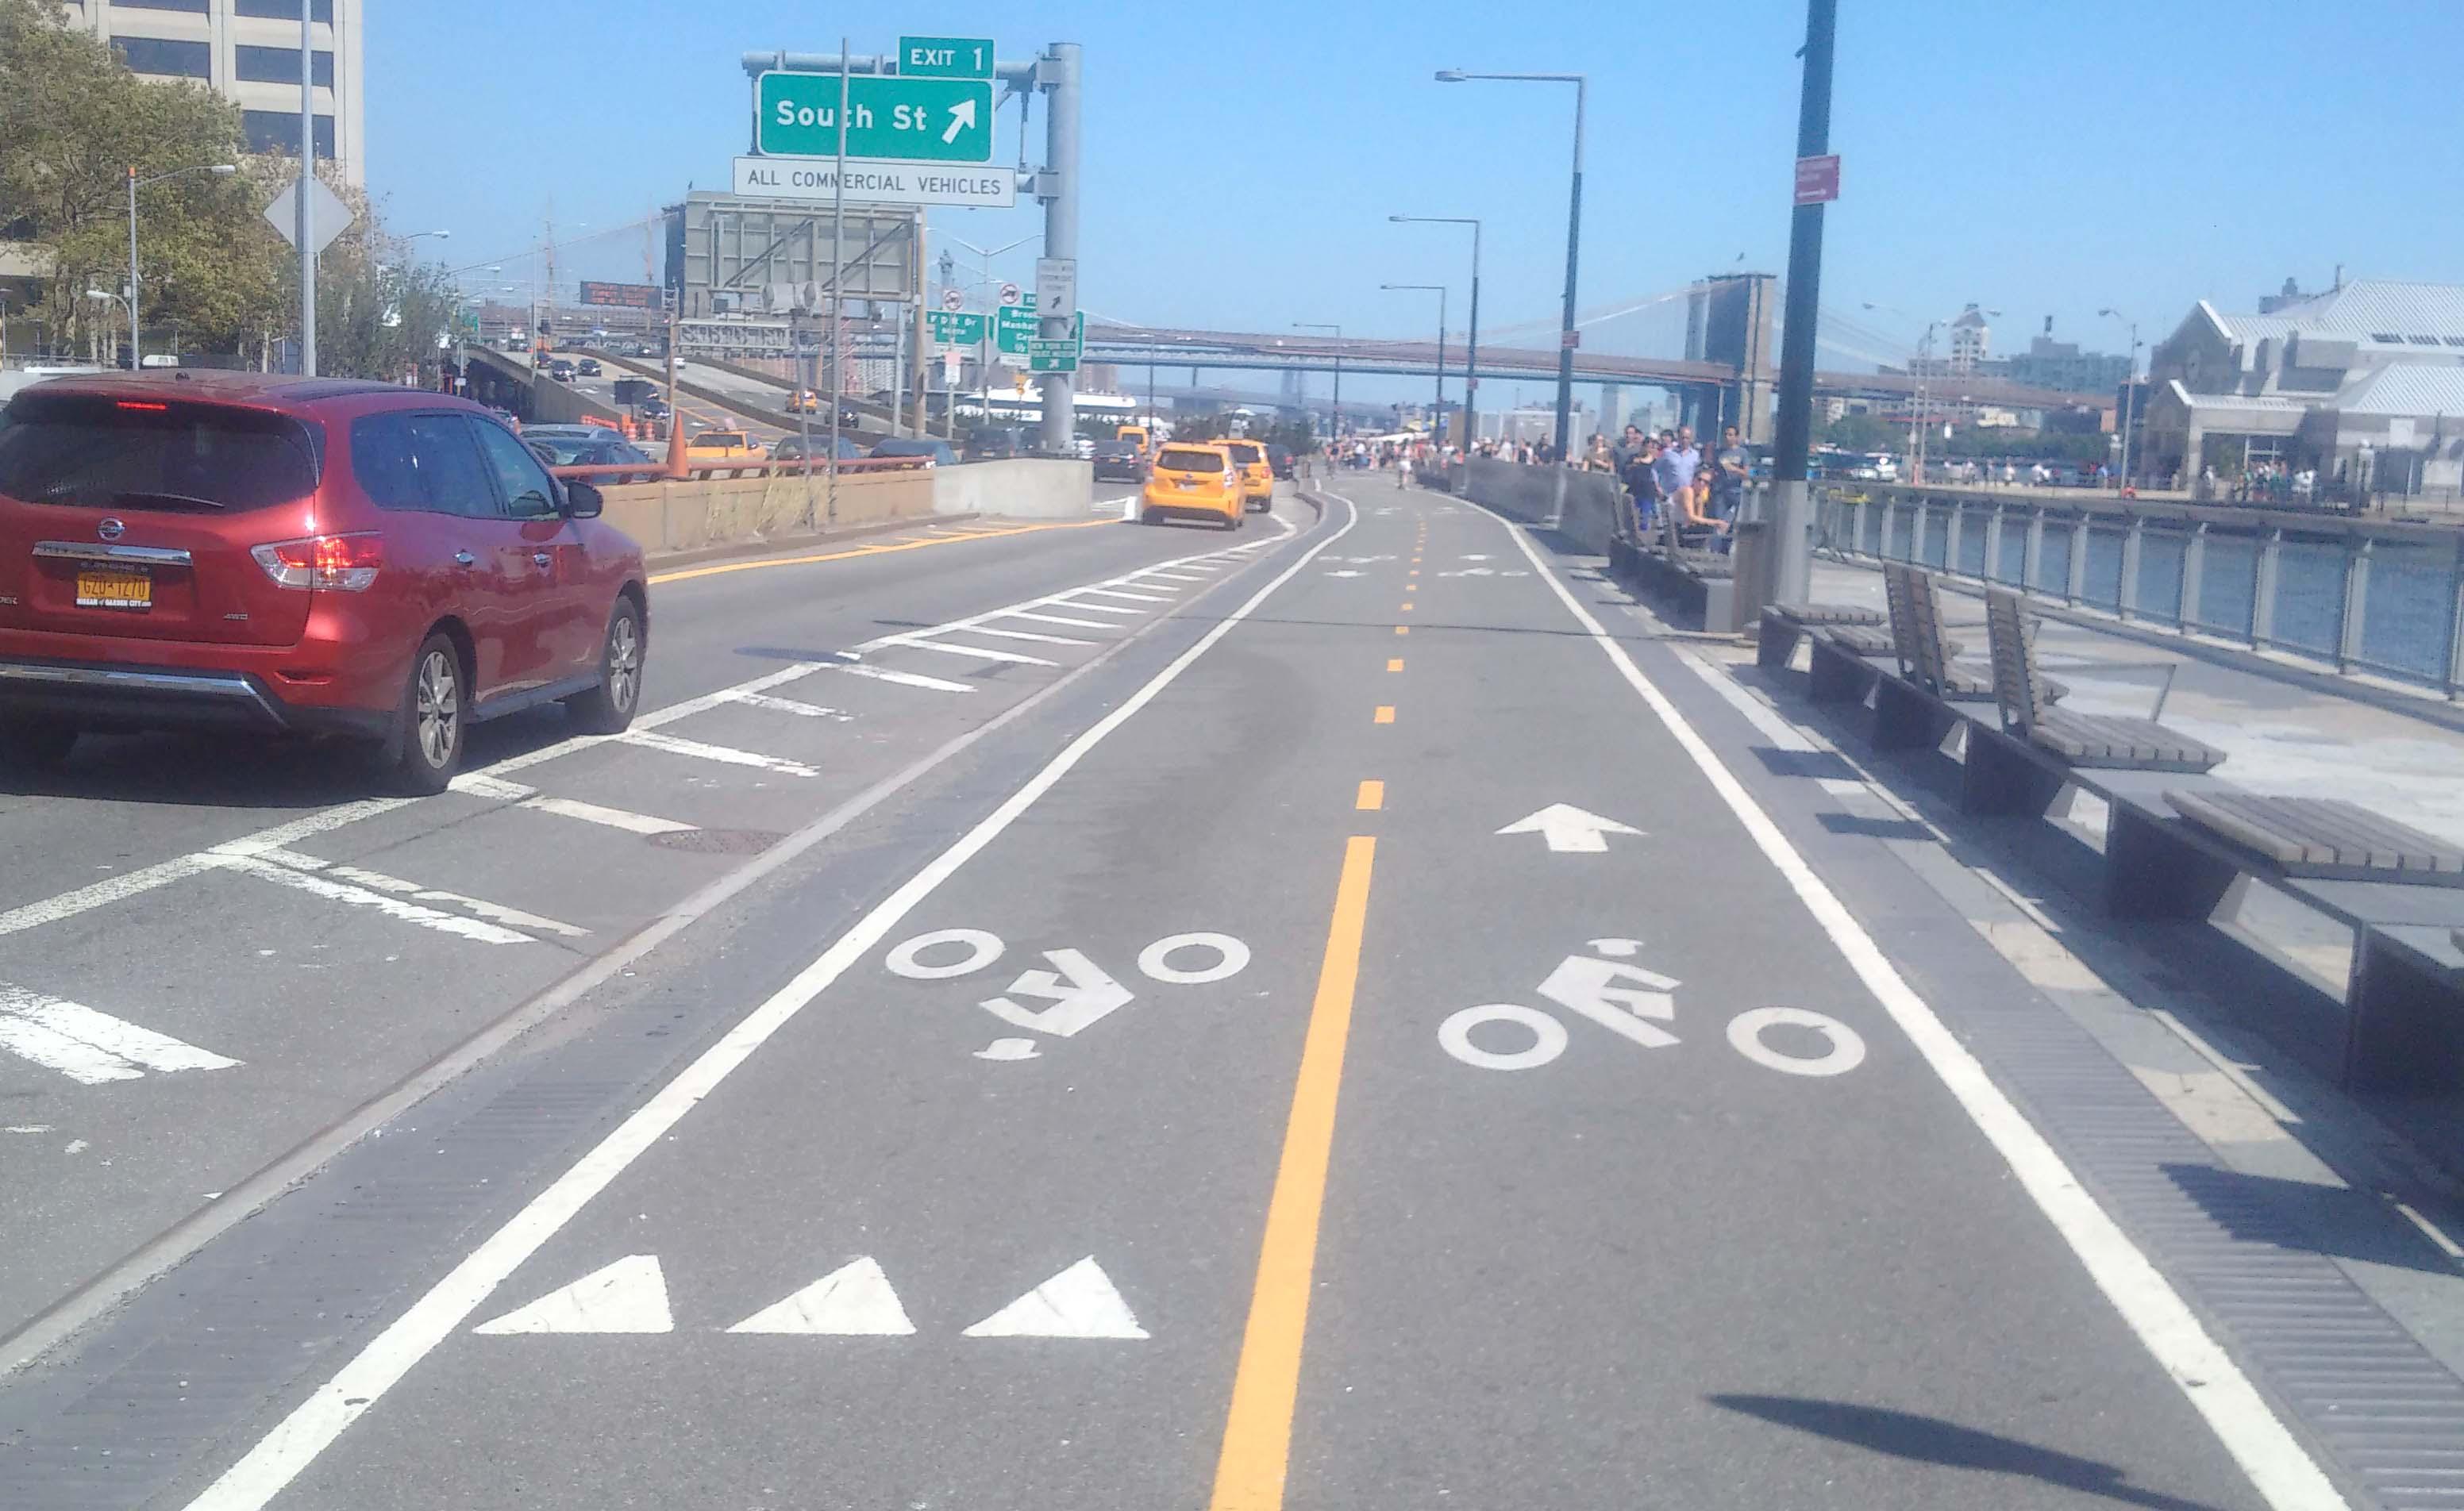 Bike path seaport